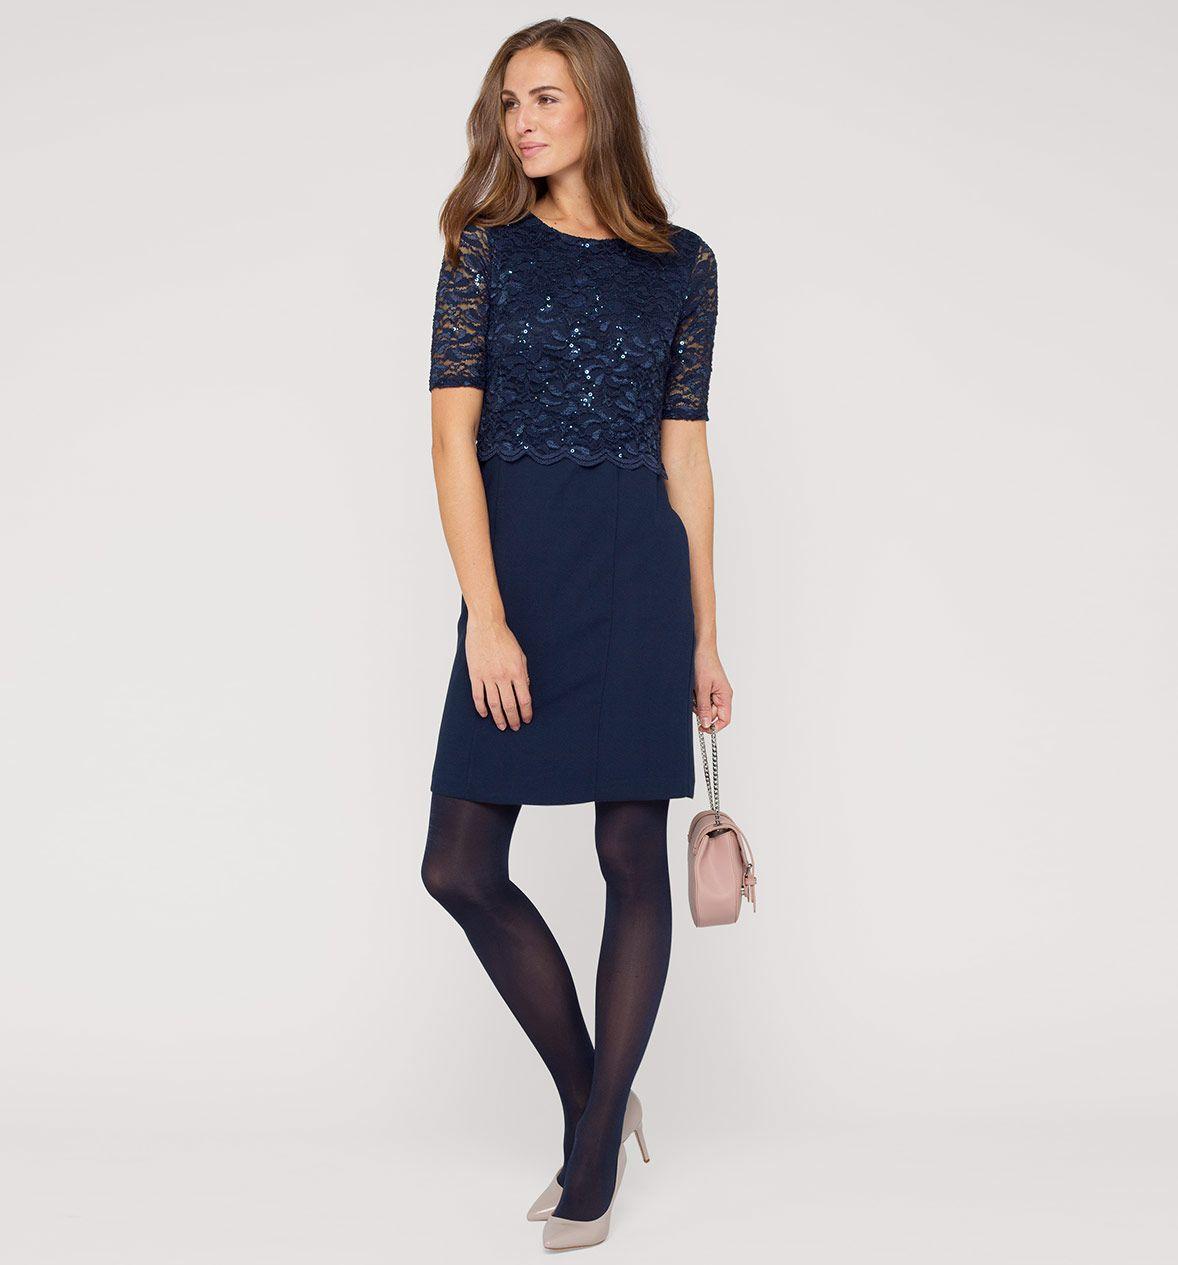 Kleid in dunkelblau   Vestidos de fiesta 2016, Vestidos ...